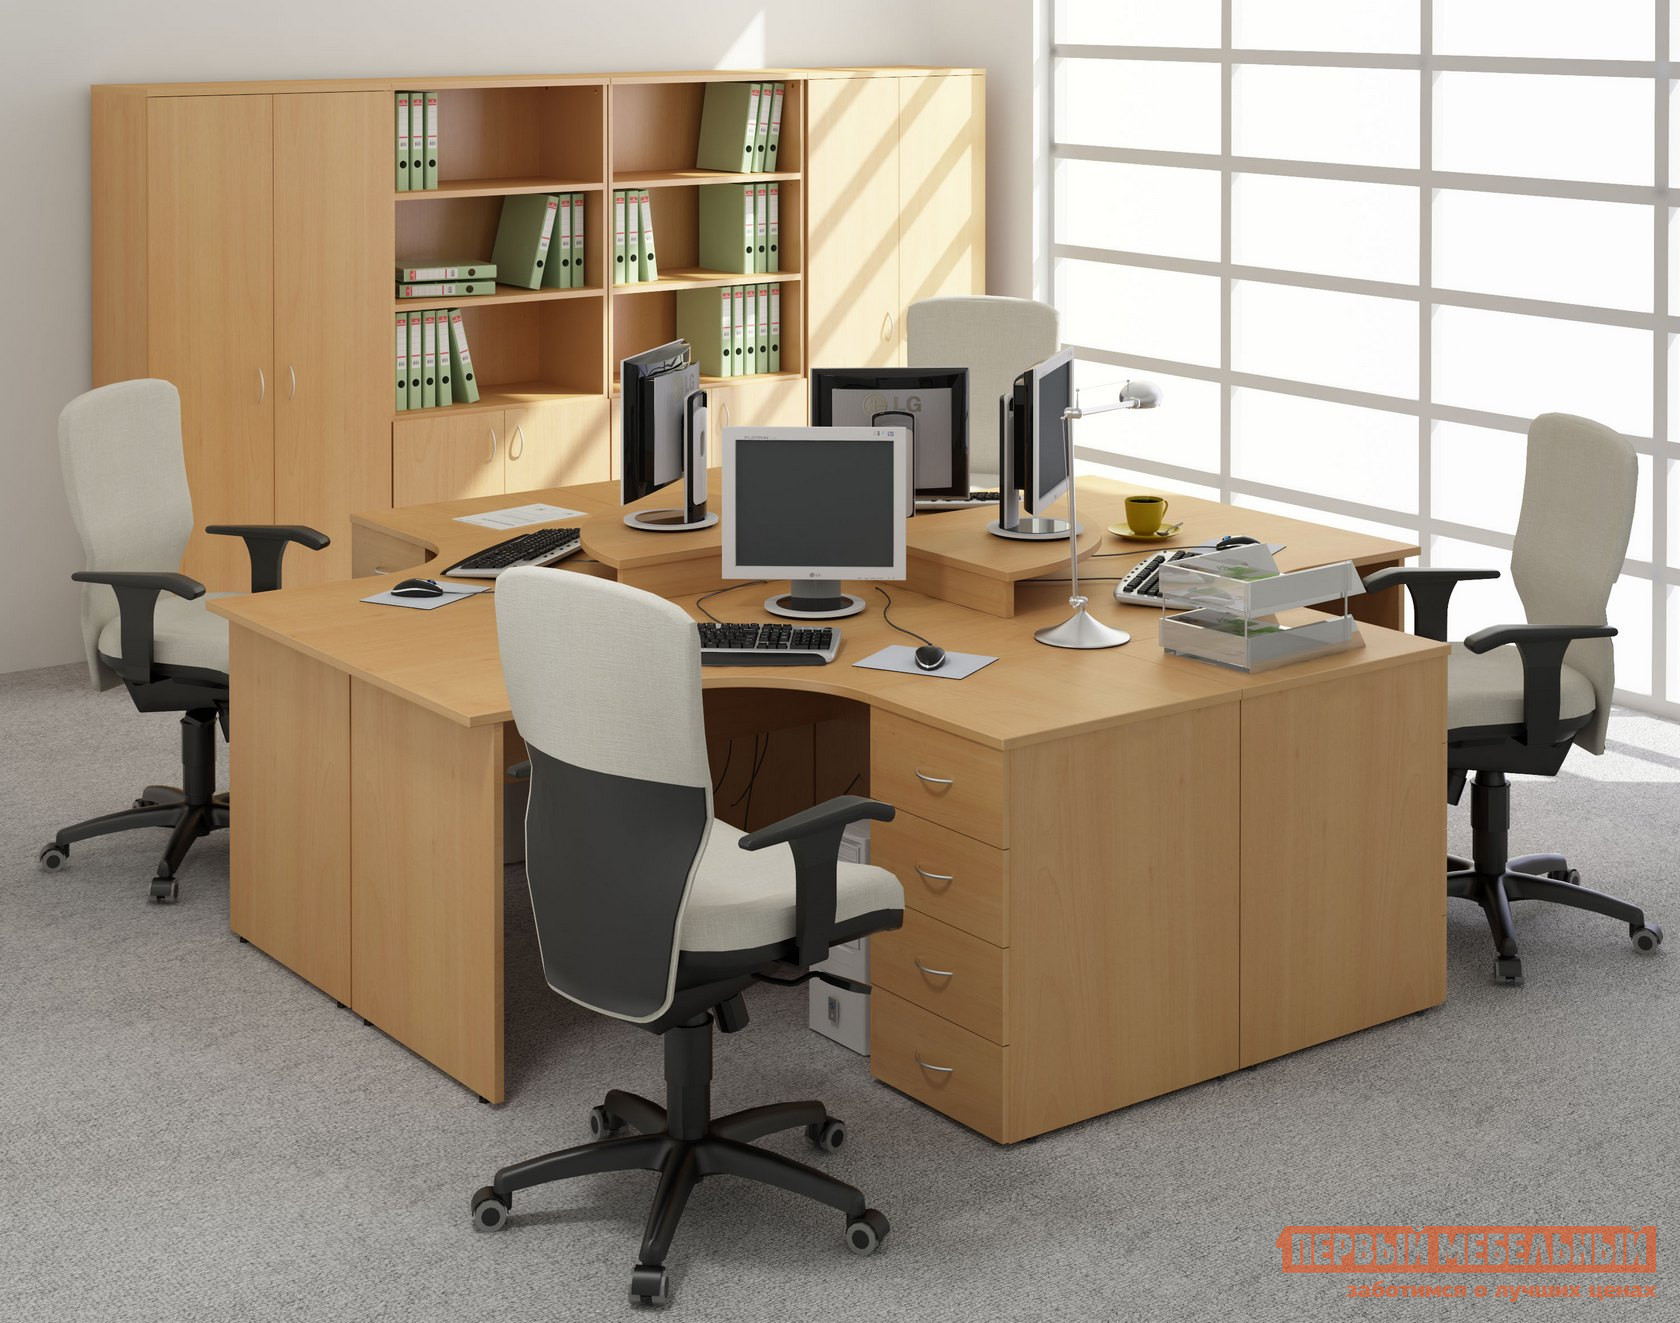 Комплект офисной мебели Дэфо Эрго К1 комплект офисной мебели дэфо берлин офис к1